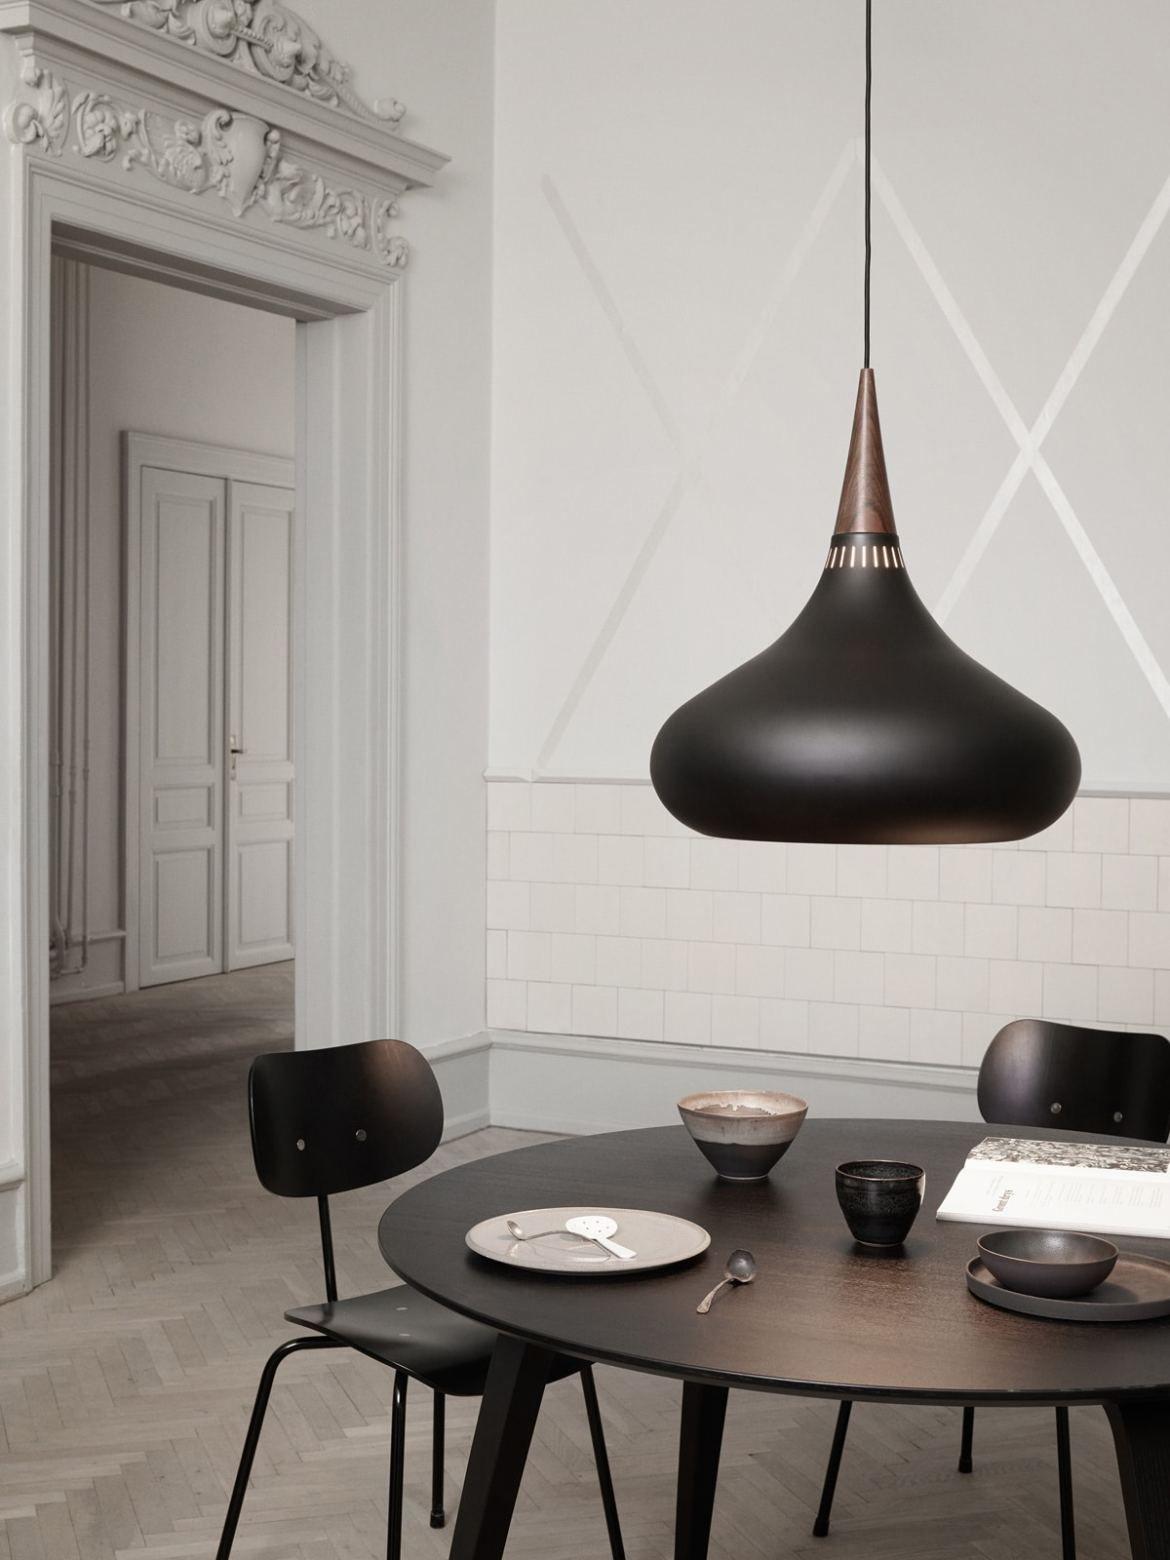 Großartig Esstischlampe Modern Referenz Von Lightyears Orient Pendelleuchte Neutural Kaufen Designort Berlin